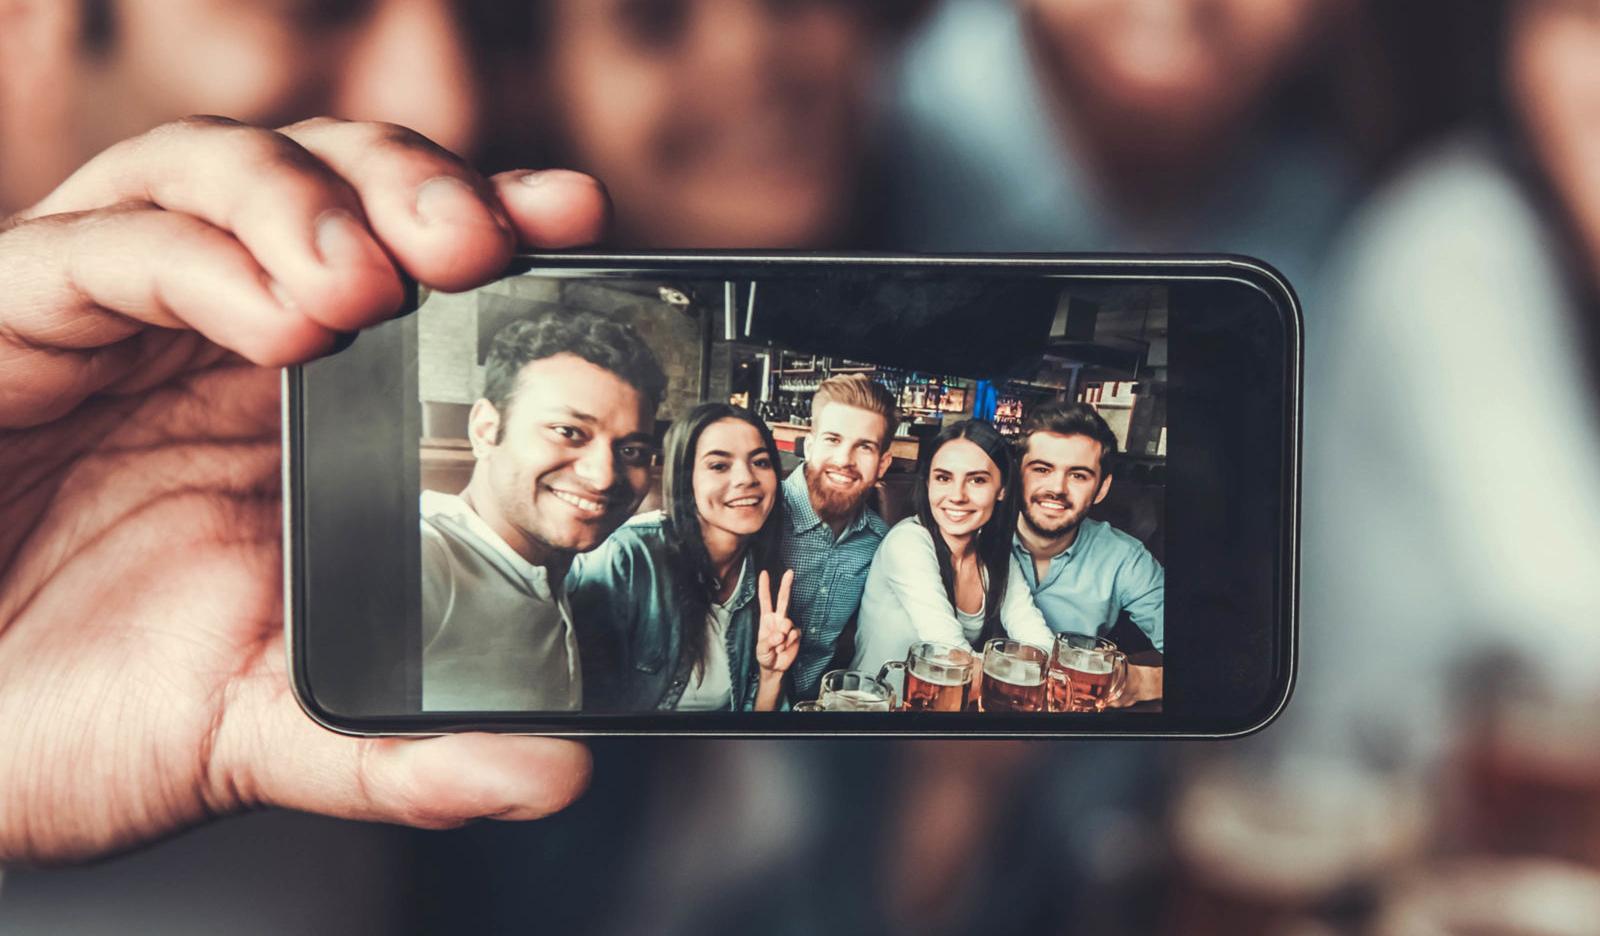 Лучшие бесплатные приложения для вечеринок и дружеских посиделок